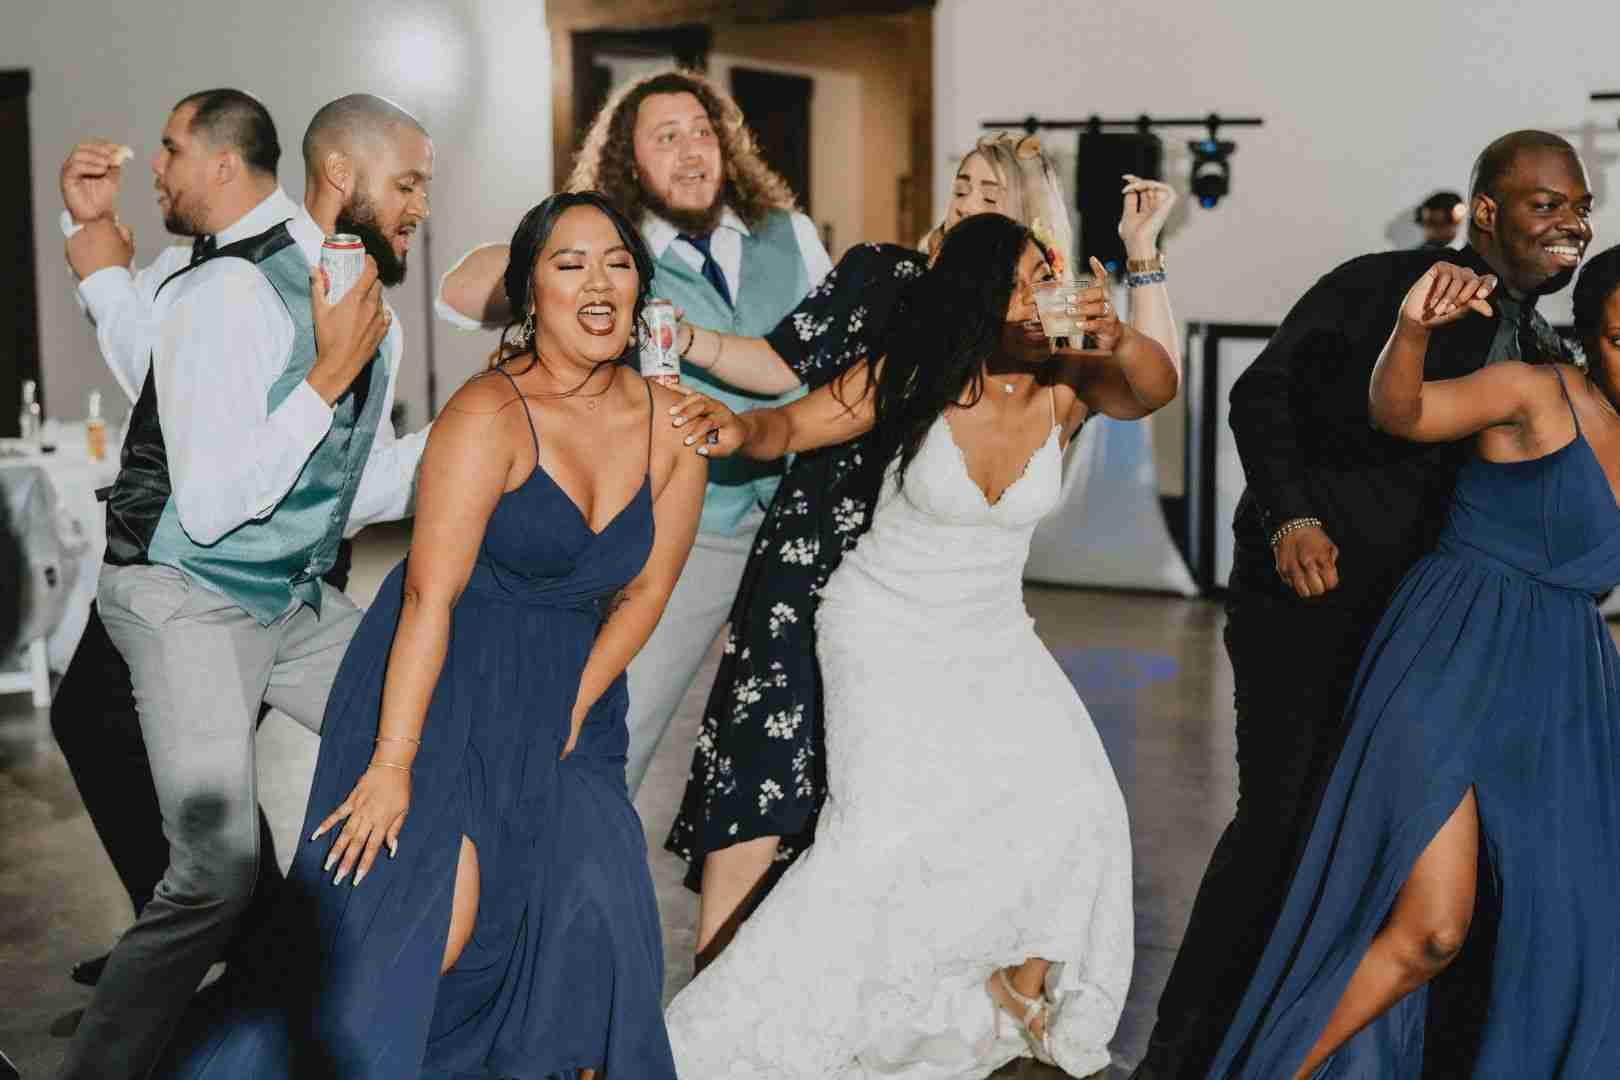 Savannah Ga DJs_Wedding Reception Dance Party with Bride